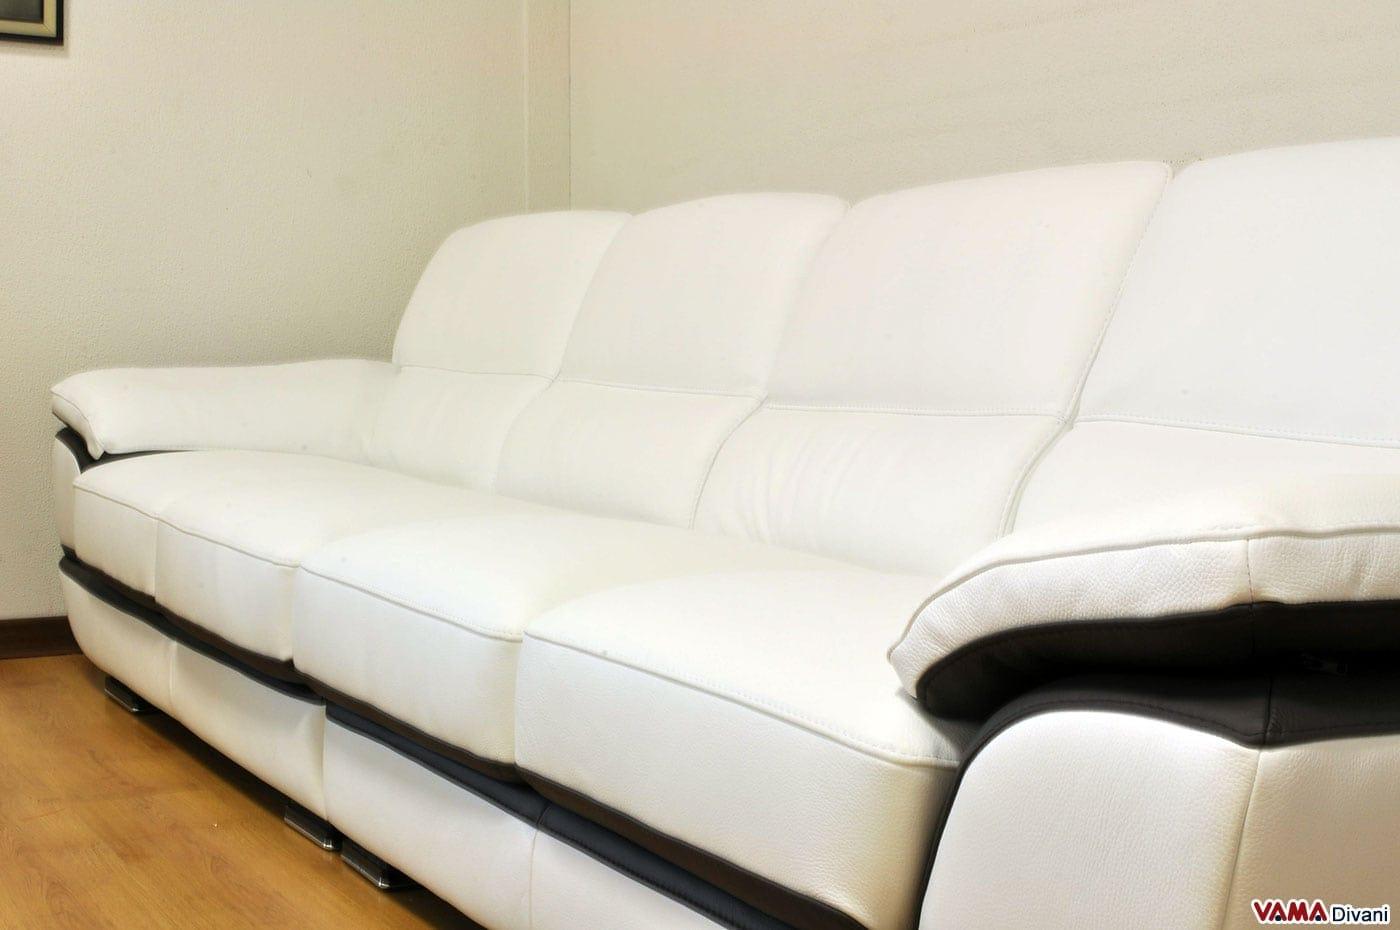 Divani su misura online preventivi e consigli a portata for Divani e divani vendita on line